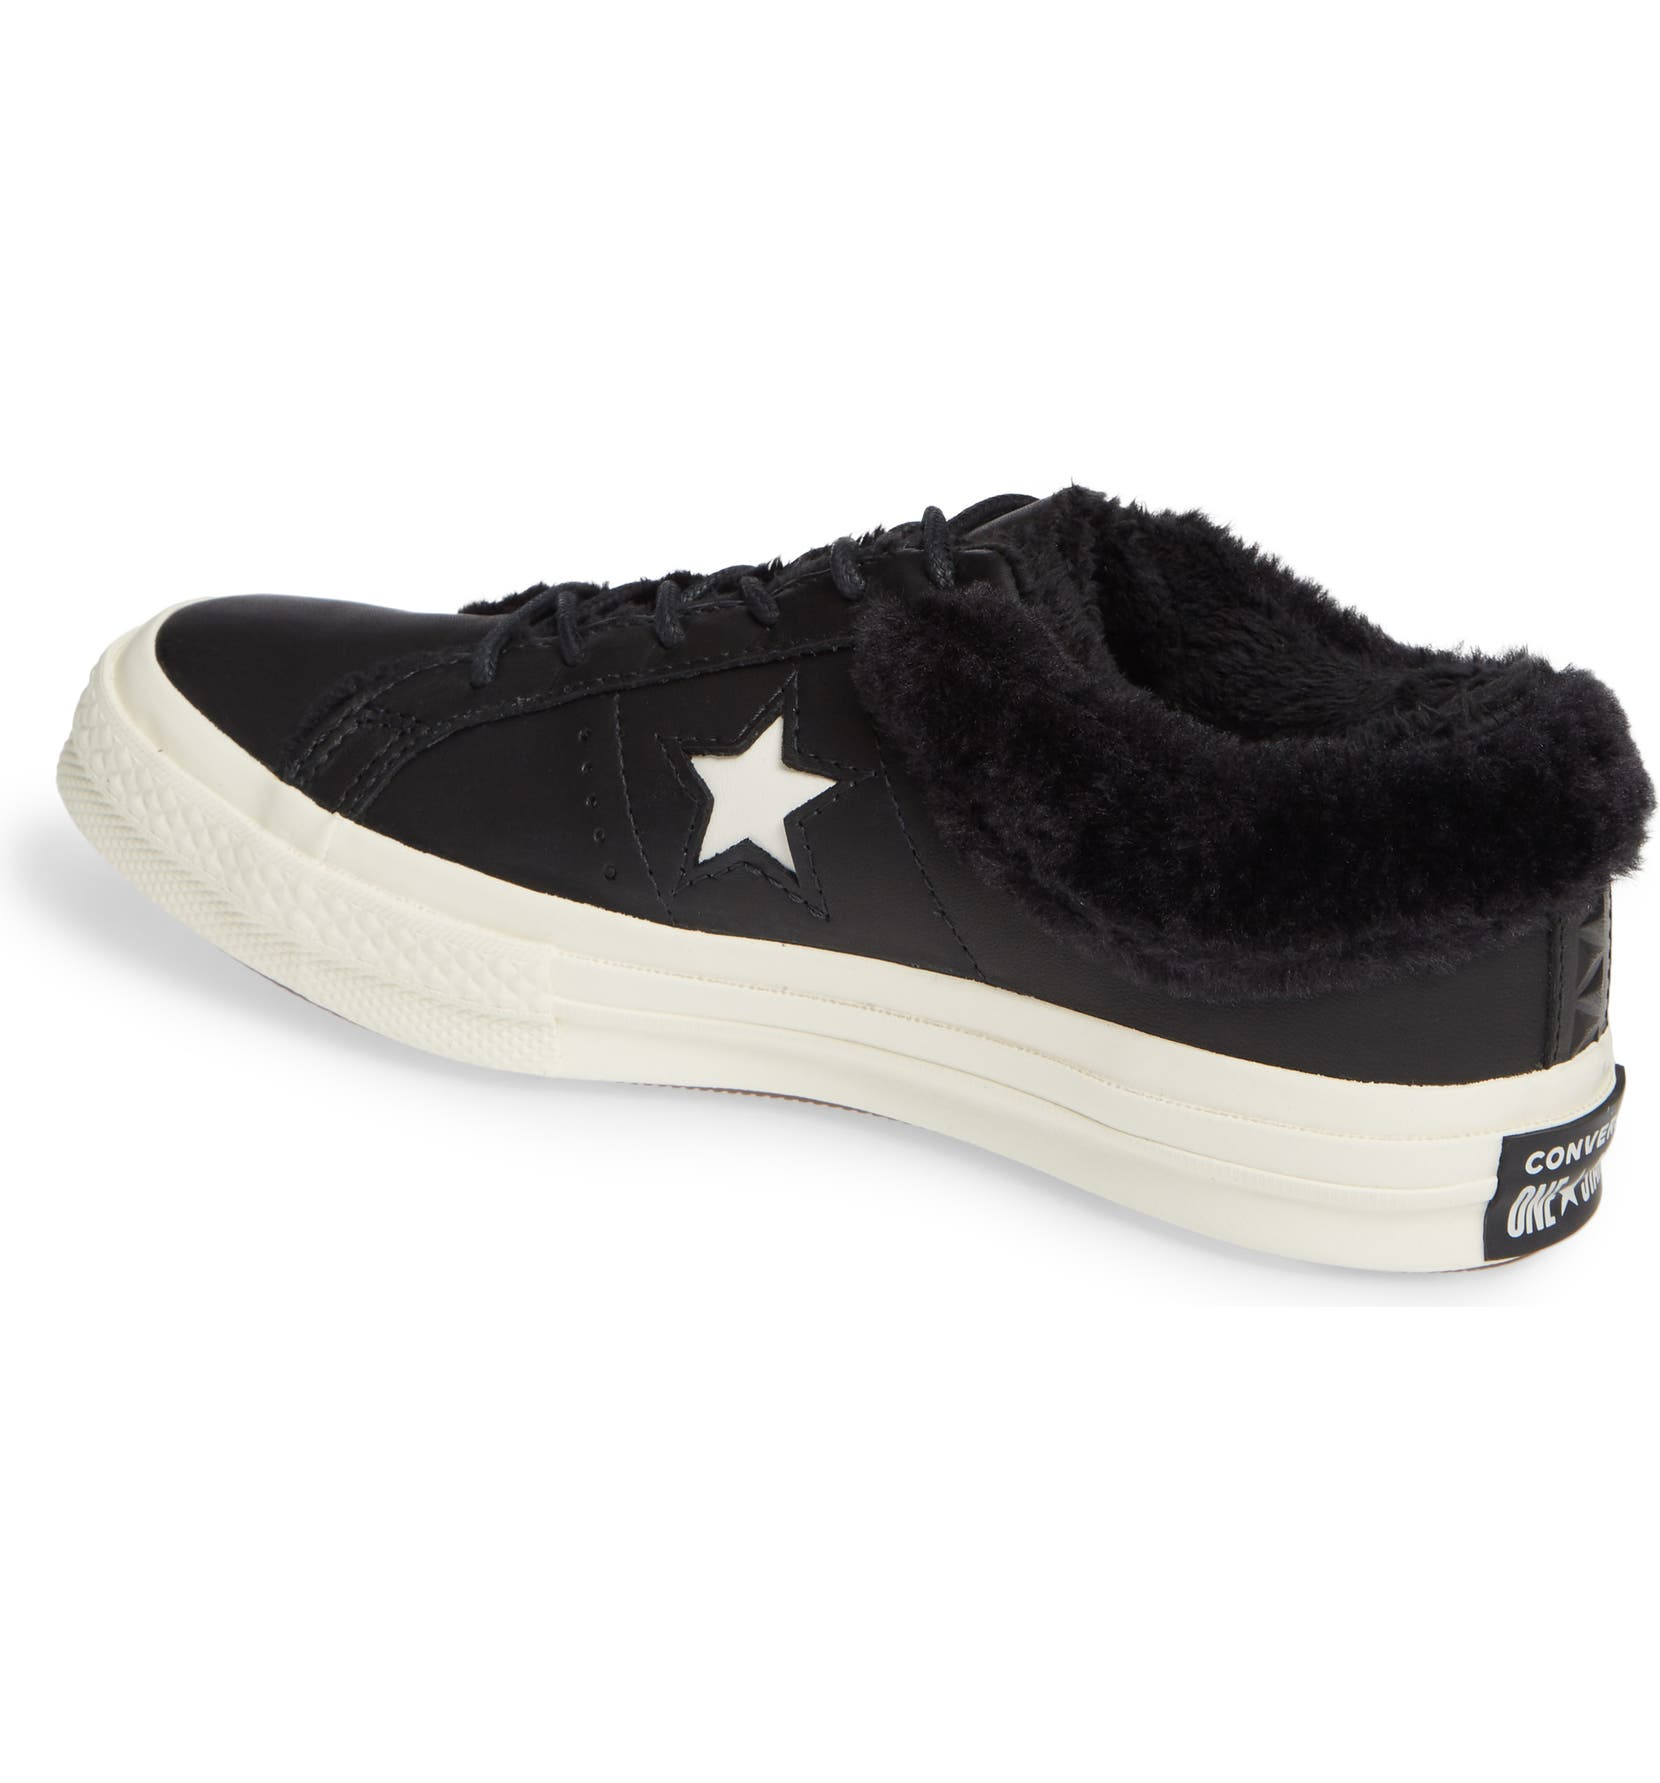 Converse One Star Street Warmer Faux Fur Lined Low Top Sneaker (Women)  96884e6e0